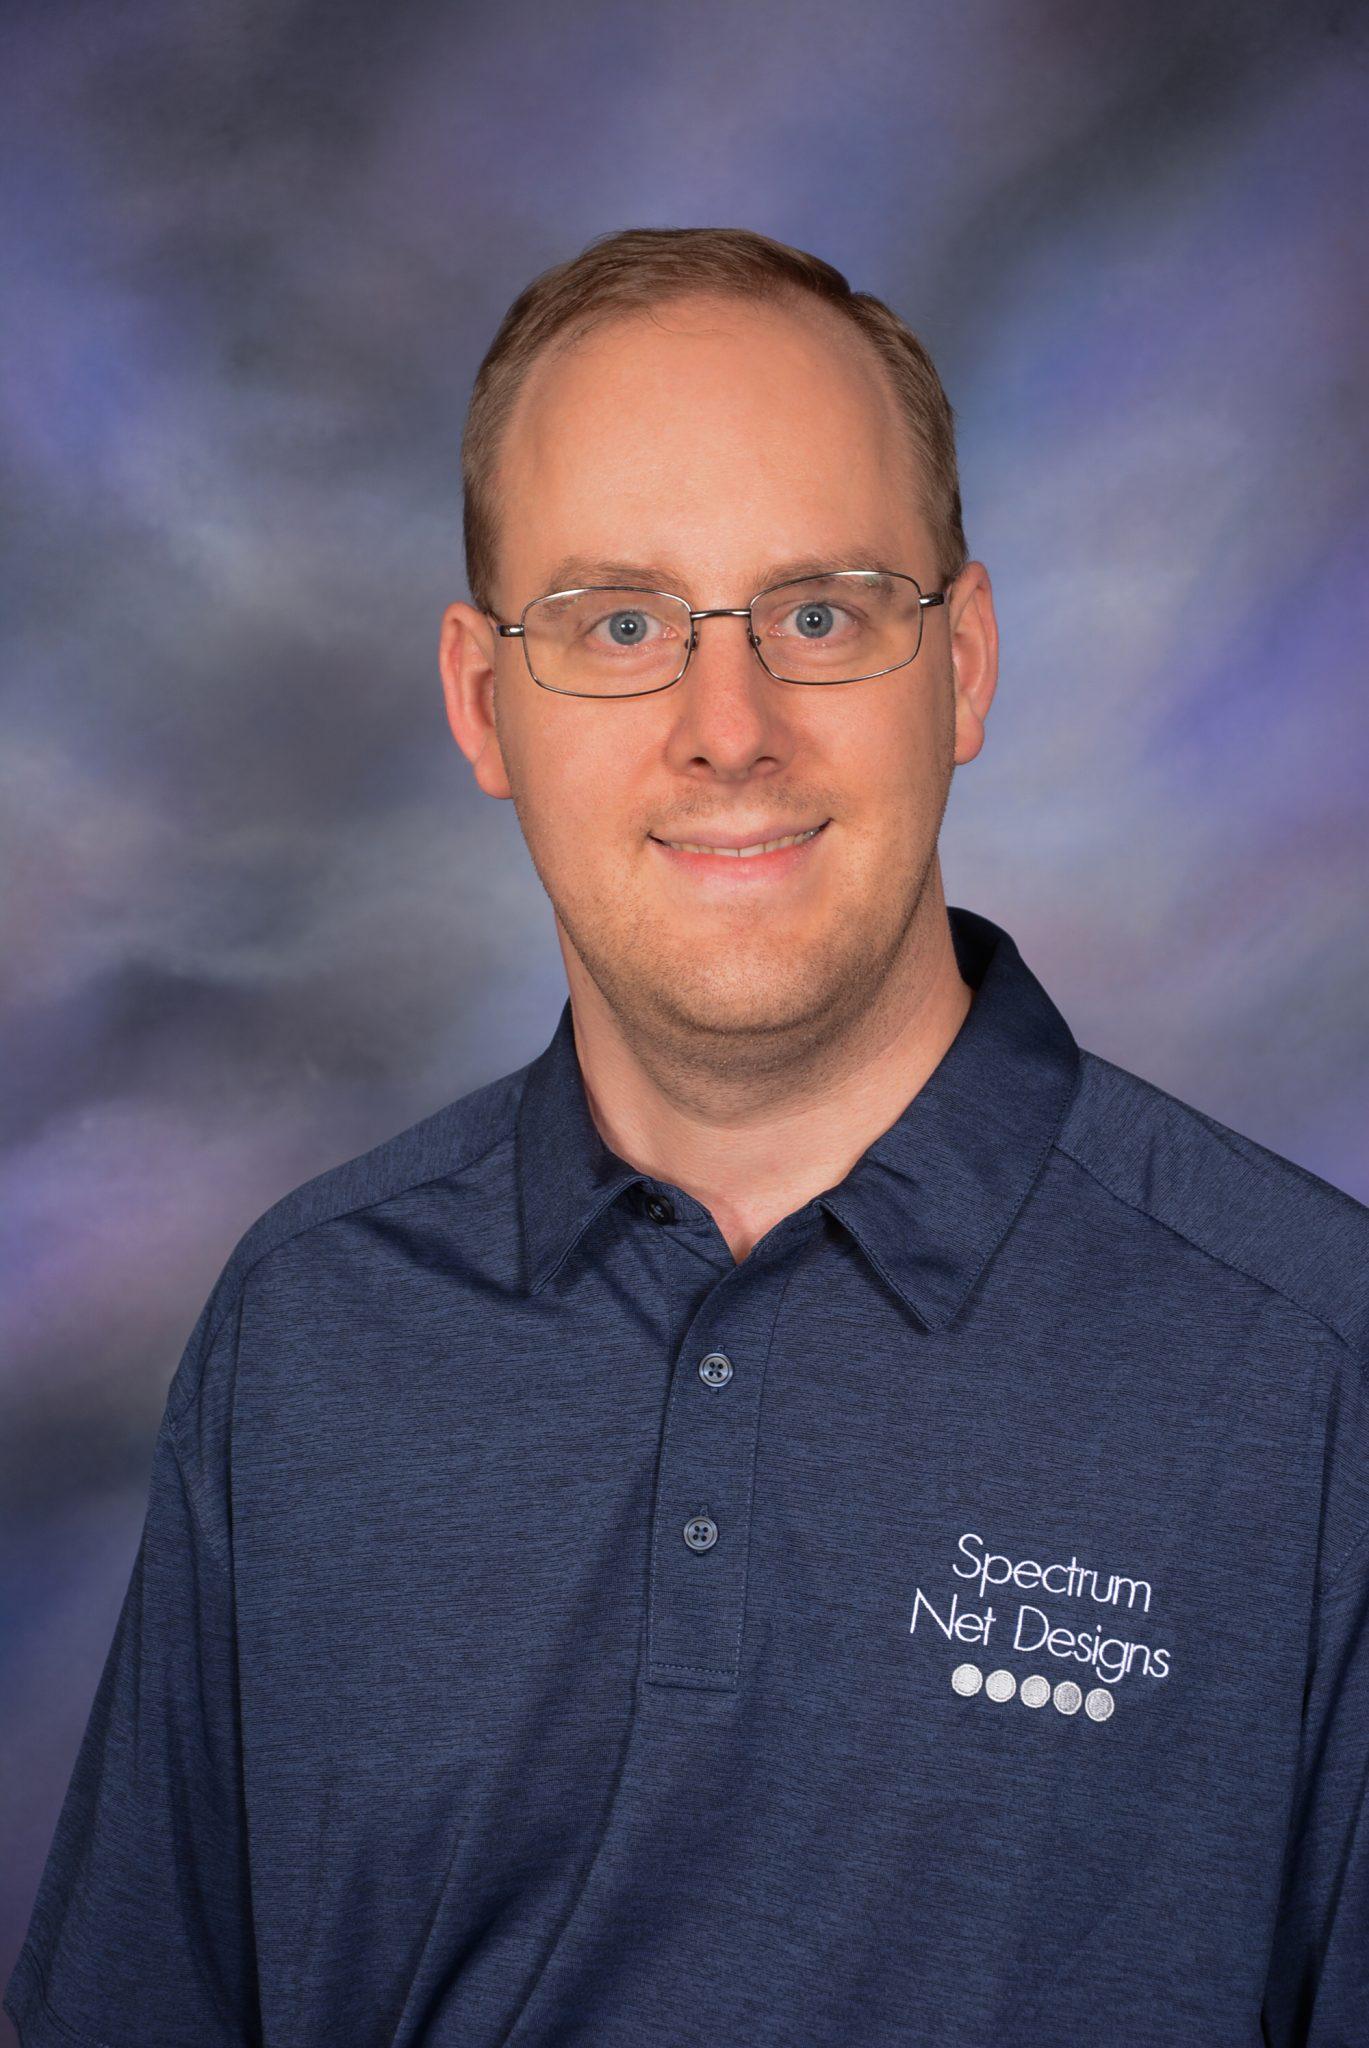 Chris Kolkman